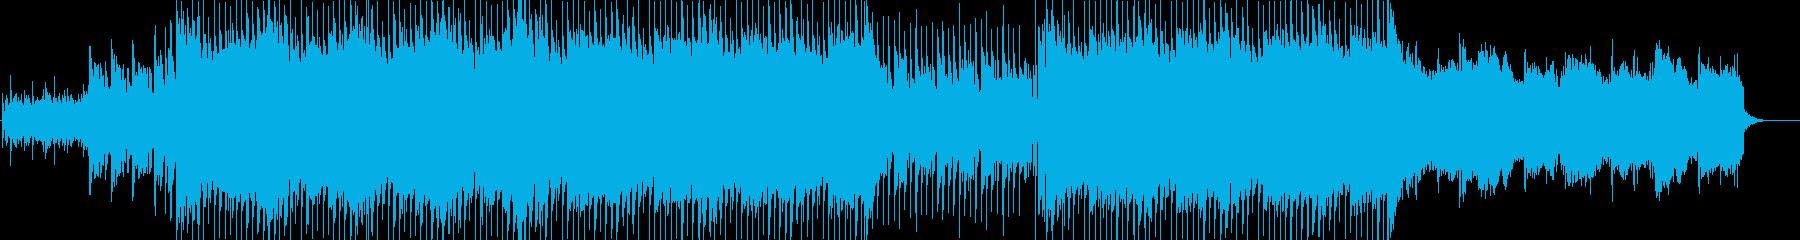 ストリングス&ギターさわやかなEDMの再生済みの波形